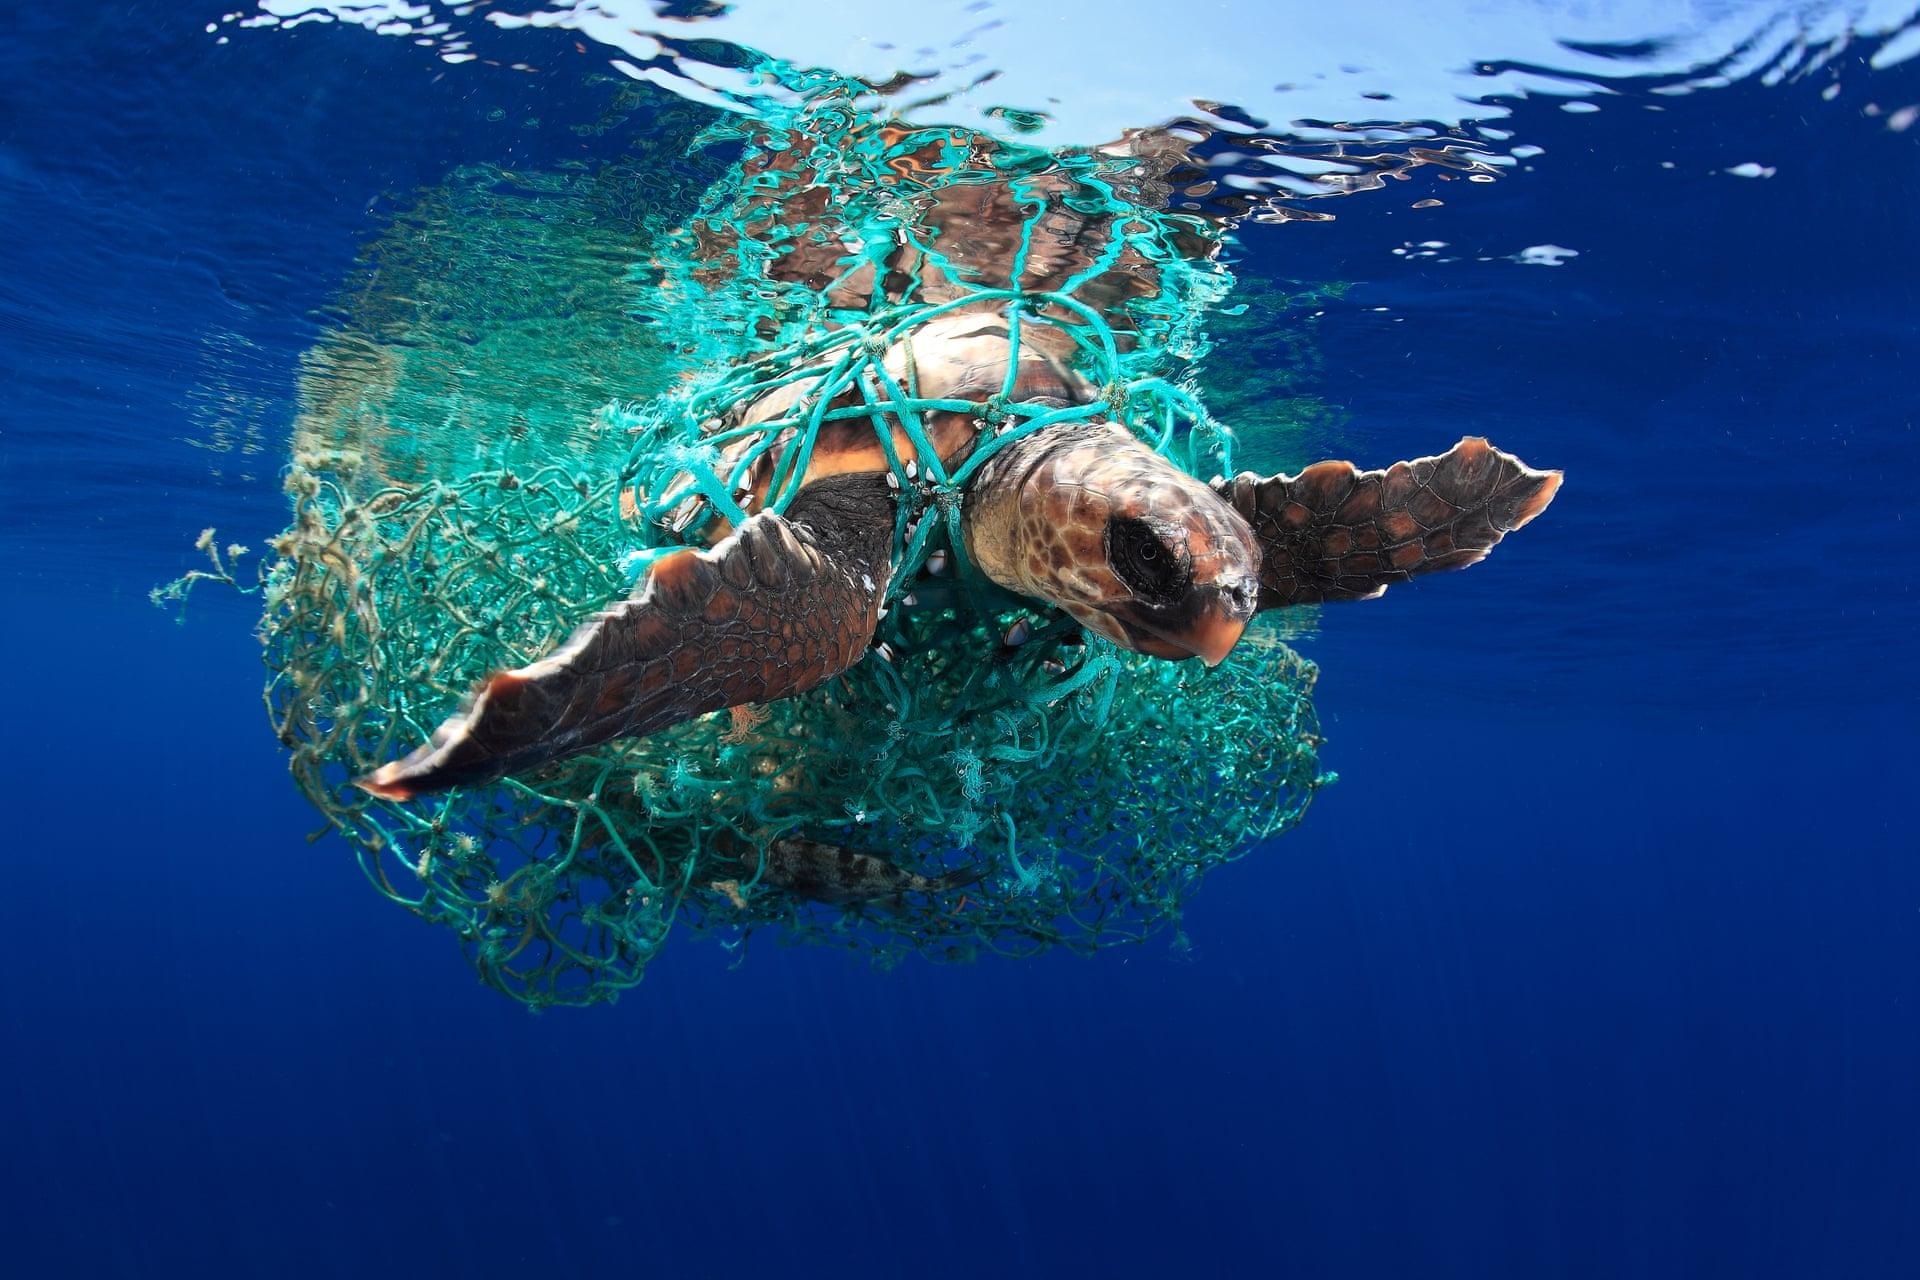 Η χελώνα καρέτα-καρέτα: Νικητής στην κατηγορία «Διαφύλαξη της θαλάσσιας ζωής». «Οι χελώνες καρέτα-καρέτα φτάνουν στα Κανάρια Νησιά από τις ακτές της Καραϊβικής. Πολλές φορές αιχμαλωτίζονται σε πλαστικά ή δίχτυα ψαράδων όπως αυτή της φωτογραφίας, η οποία στάθηκε τυχερή γιατί βρεθήκαμε στο διάβα της και την ελευθερώσαμε».